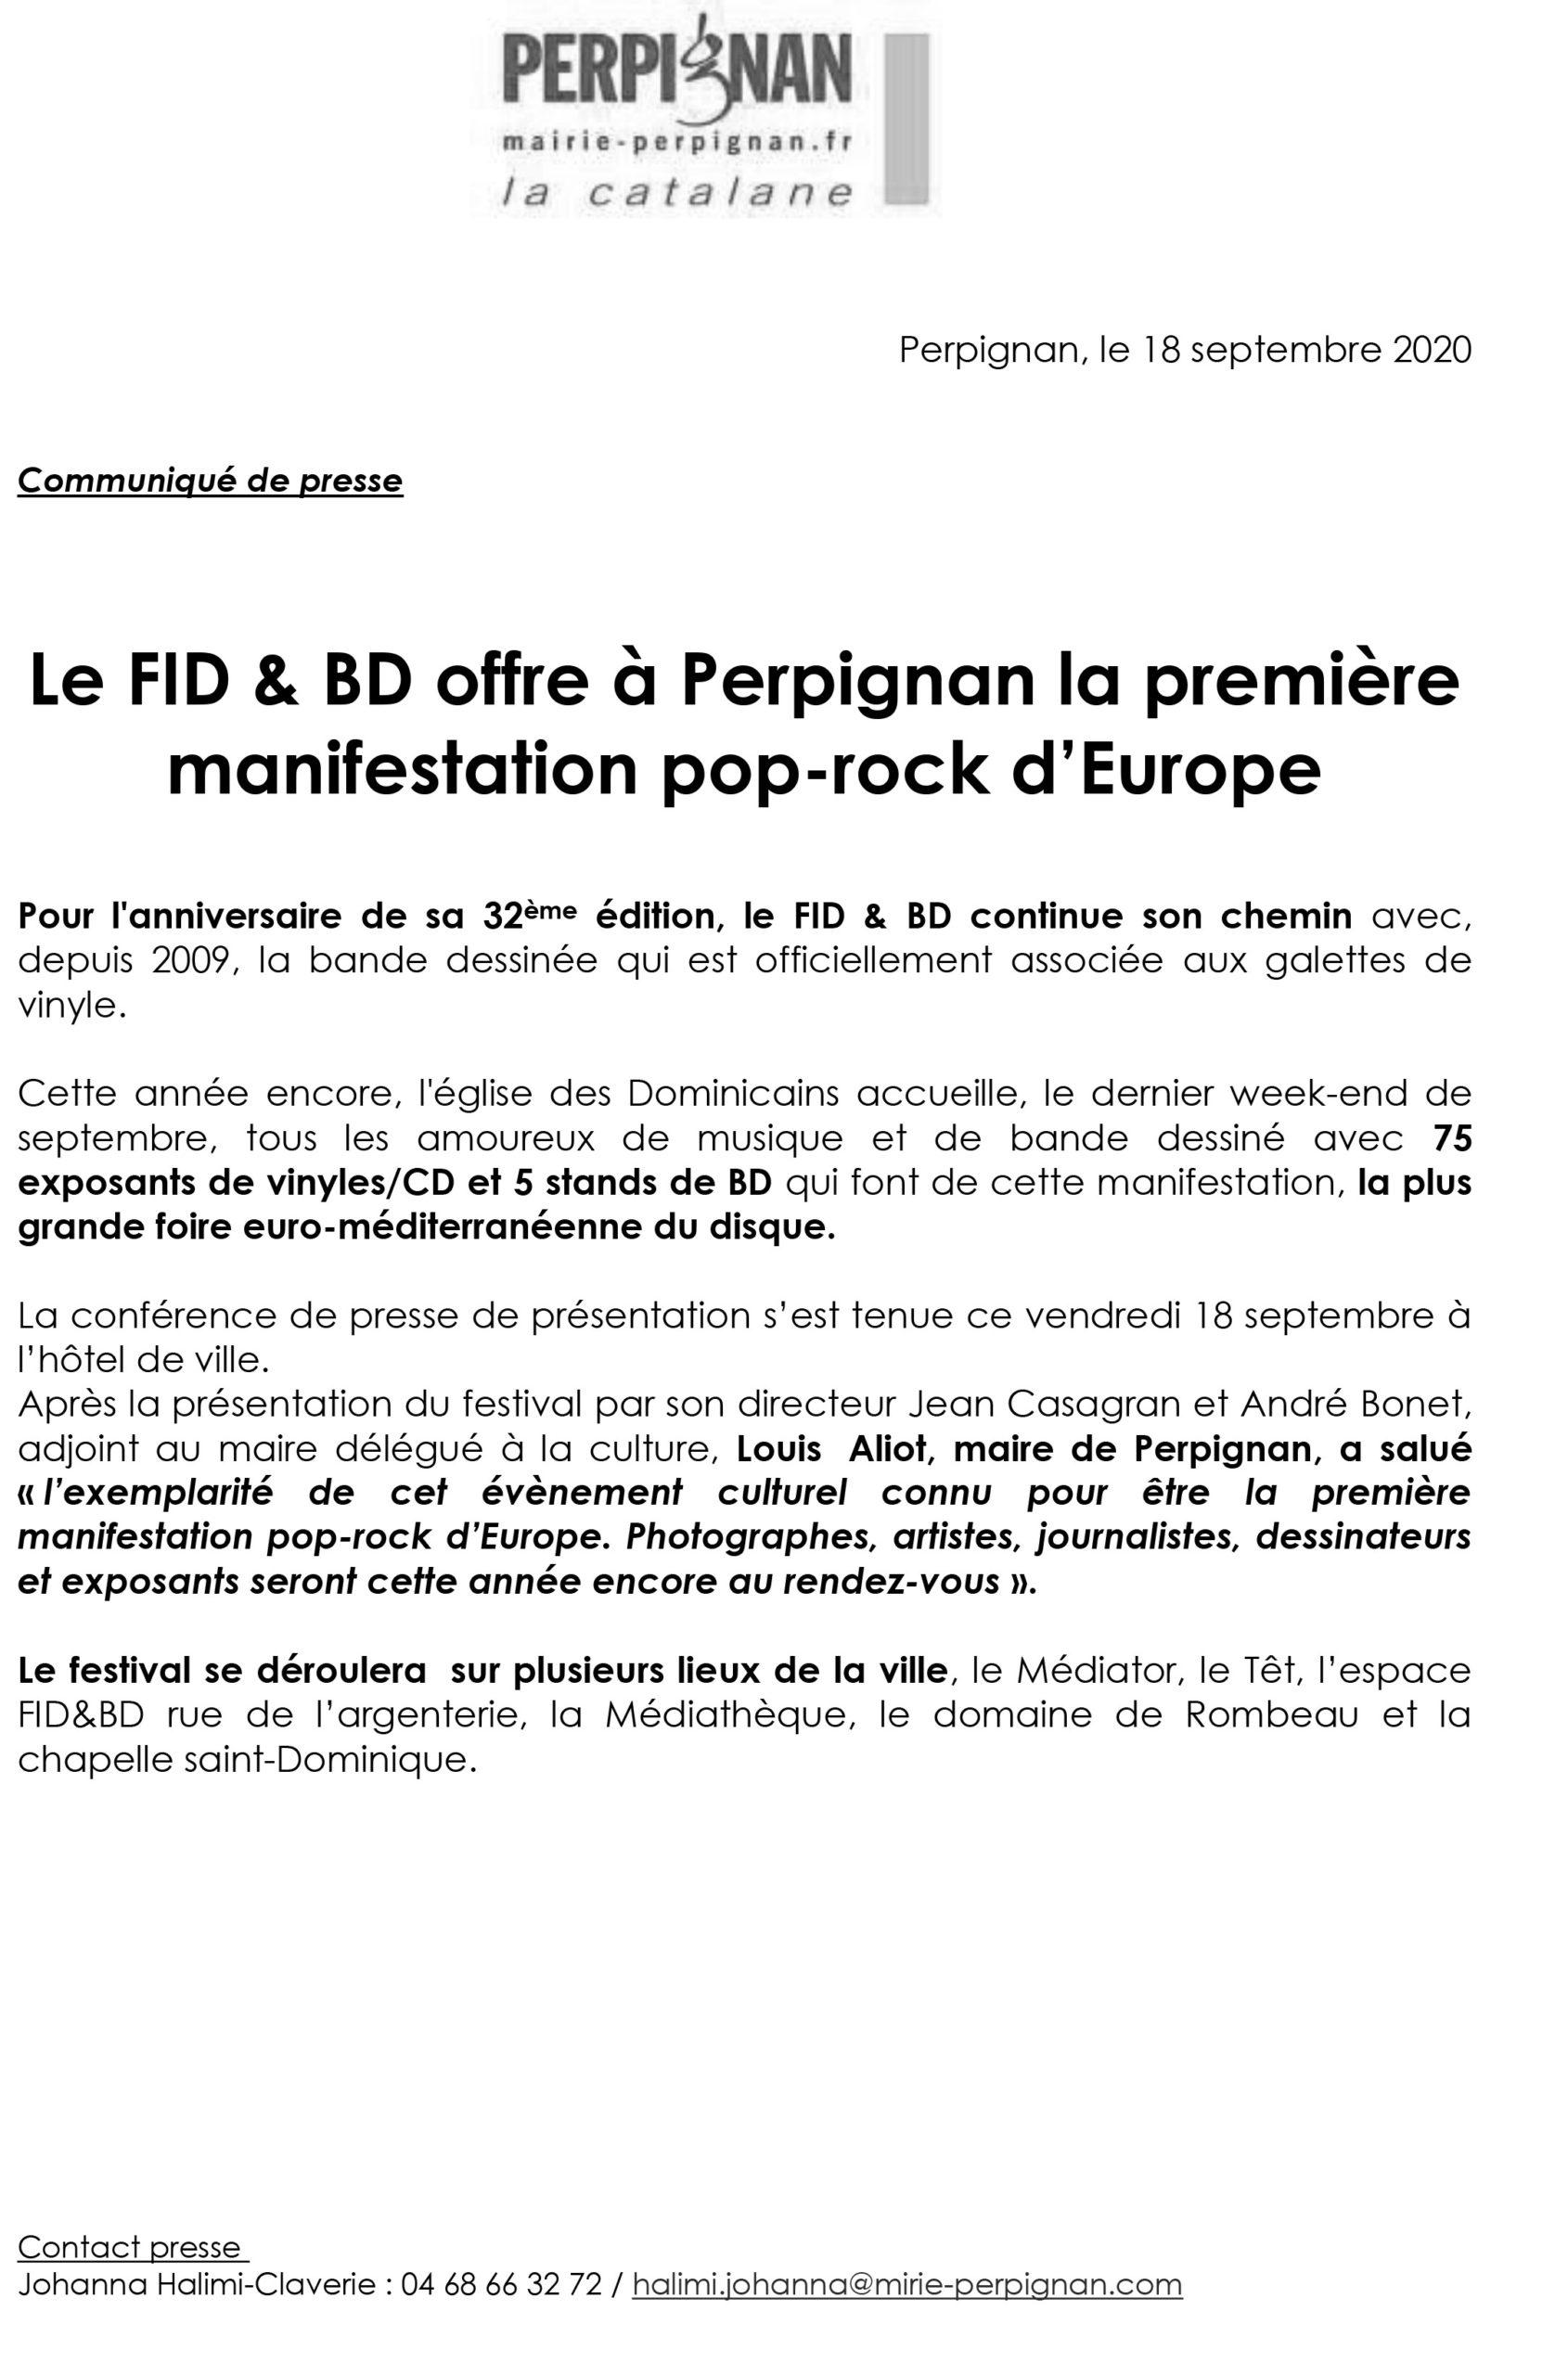 Le FID & BD offre à Perpignan la première manifestation pop-rock d'Europe